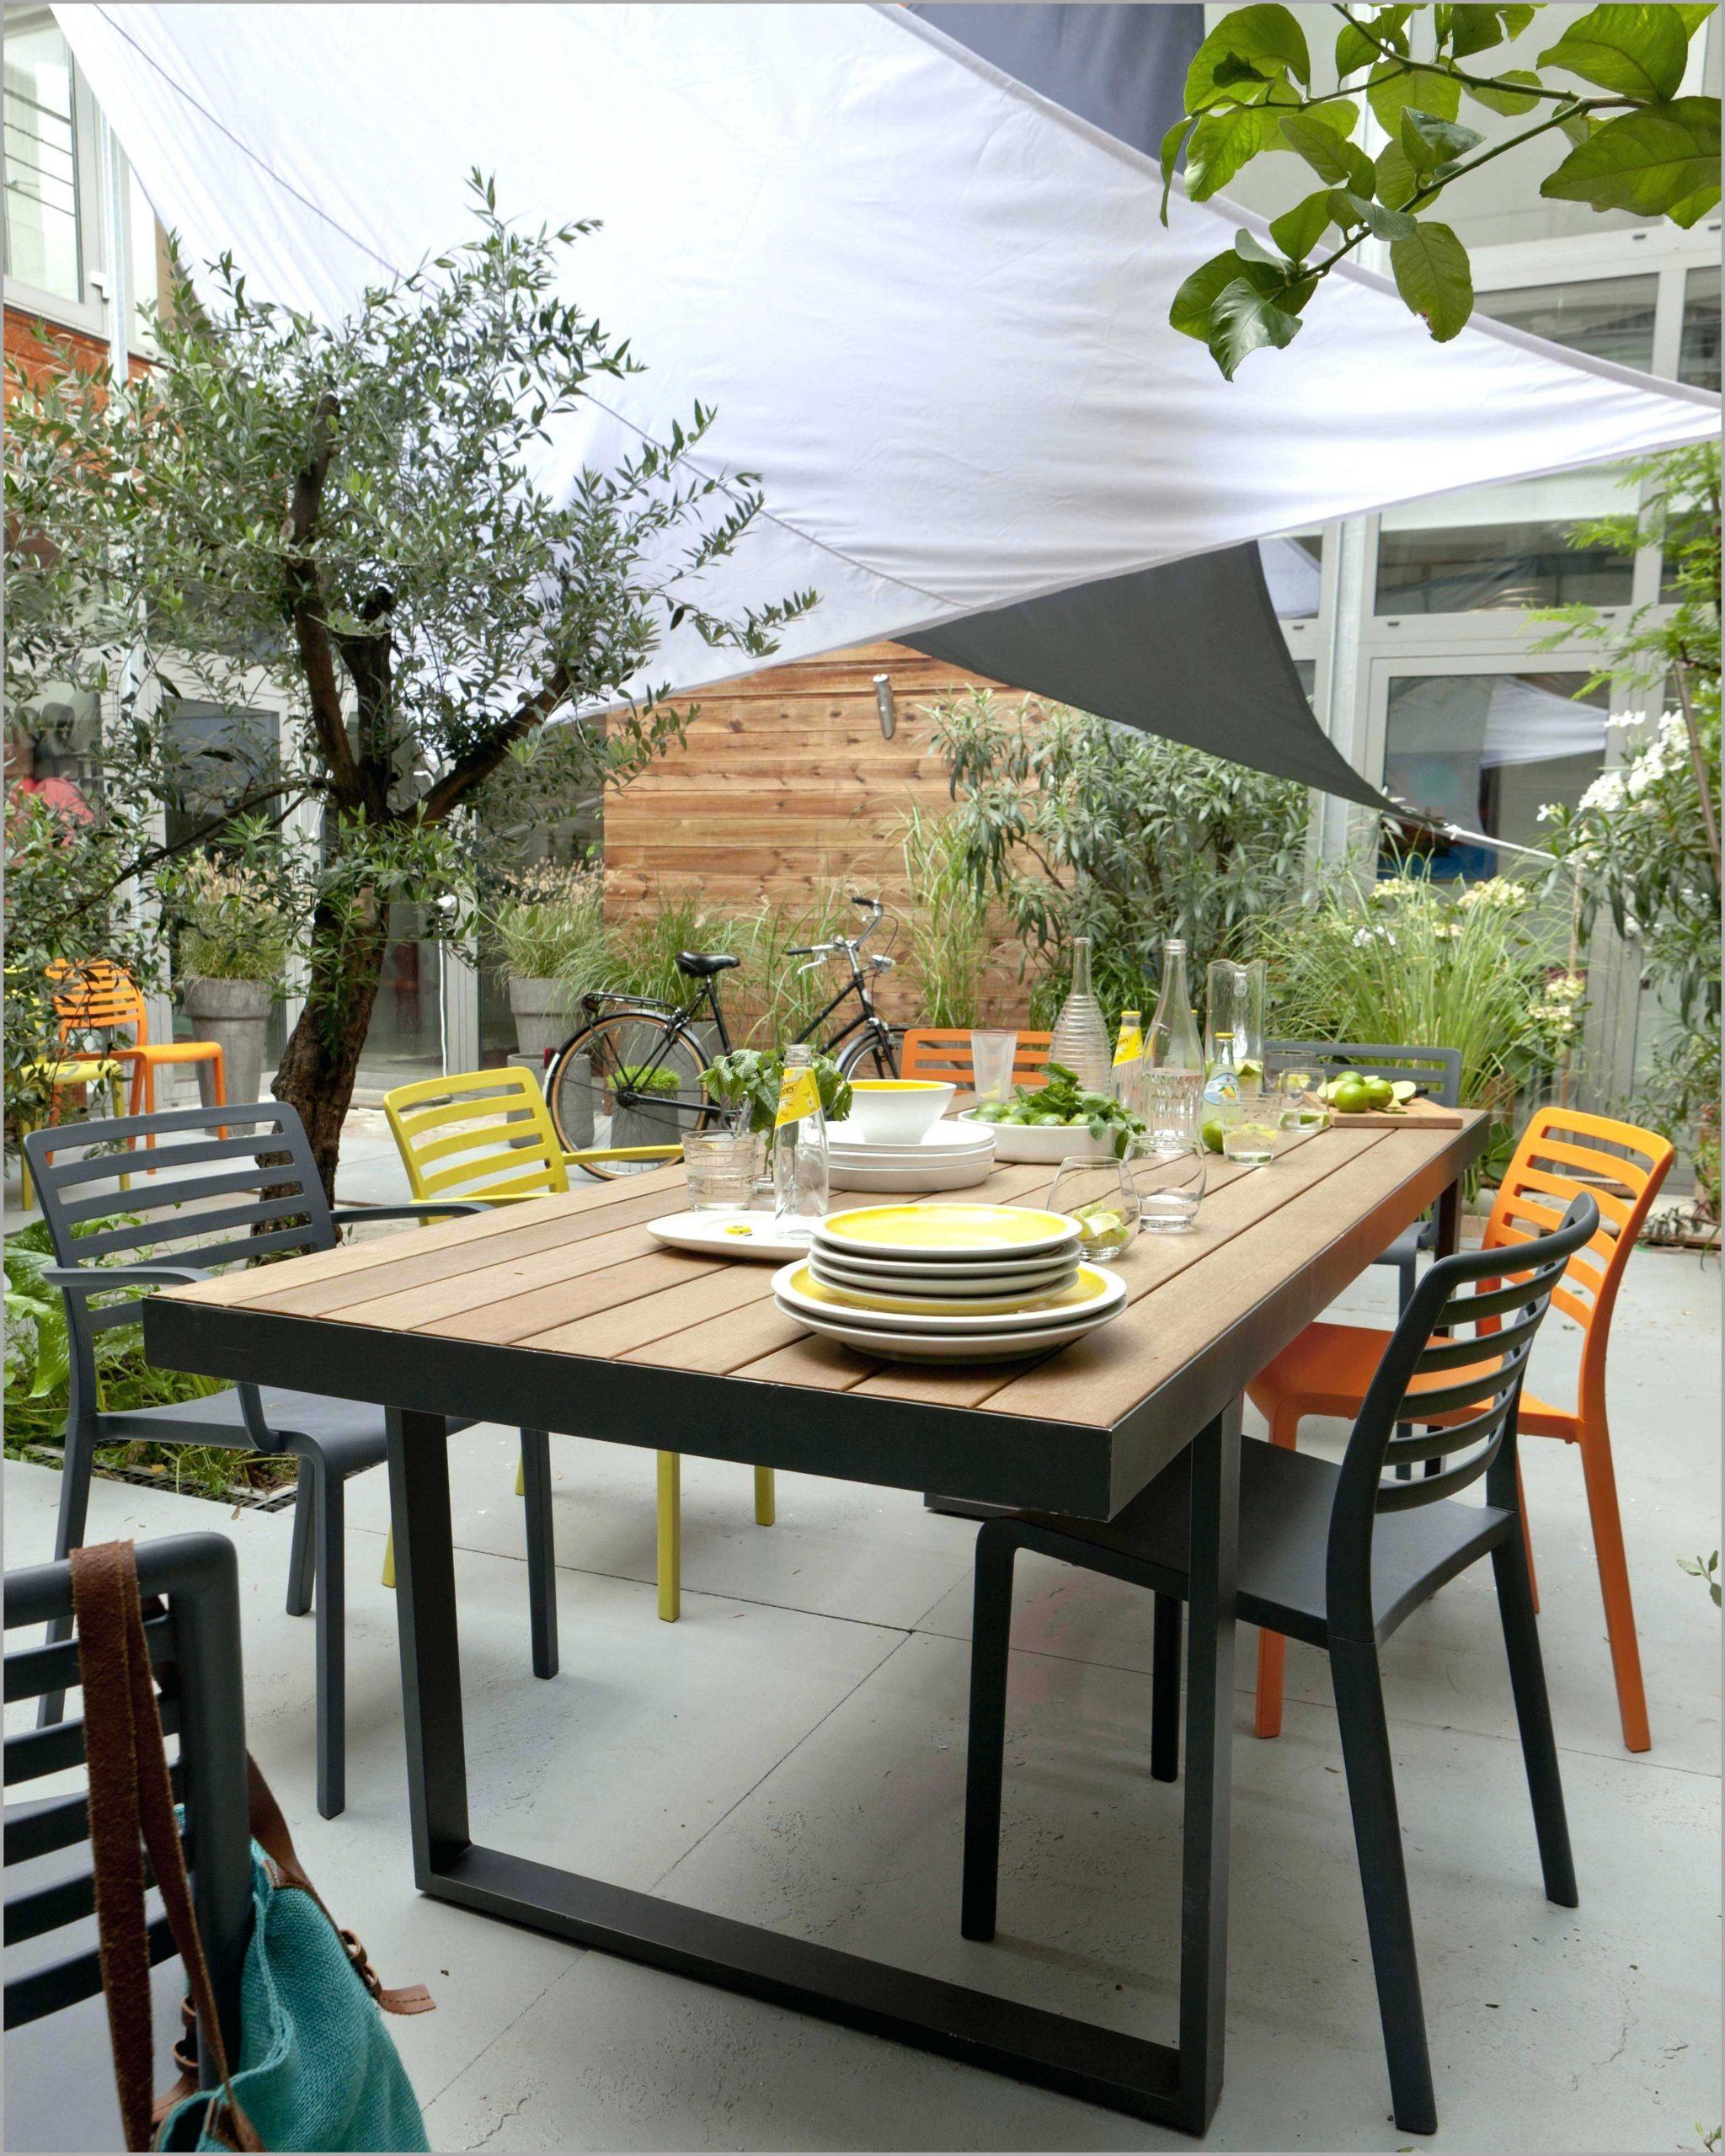 Ikea Toile Ombrage Toileombrage Camping Montferrat Brillant ... tout Toile Jardin Triangle